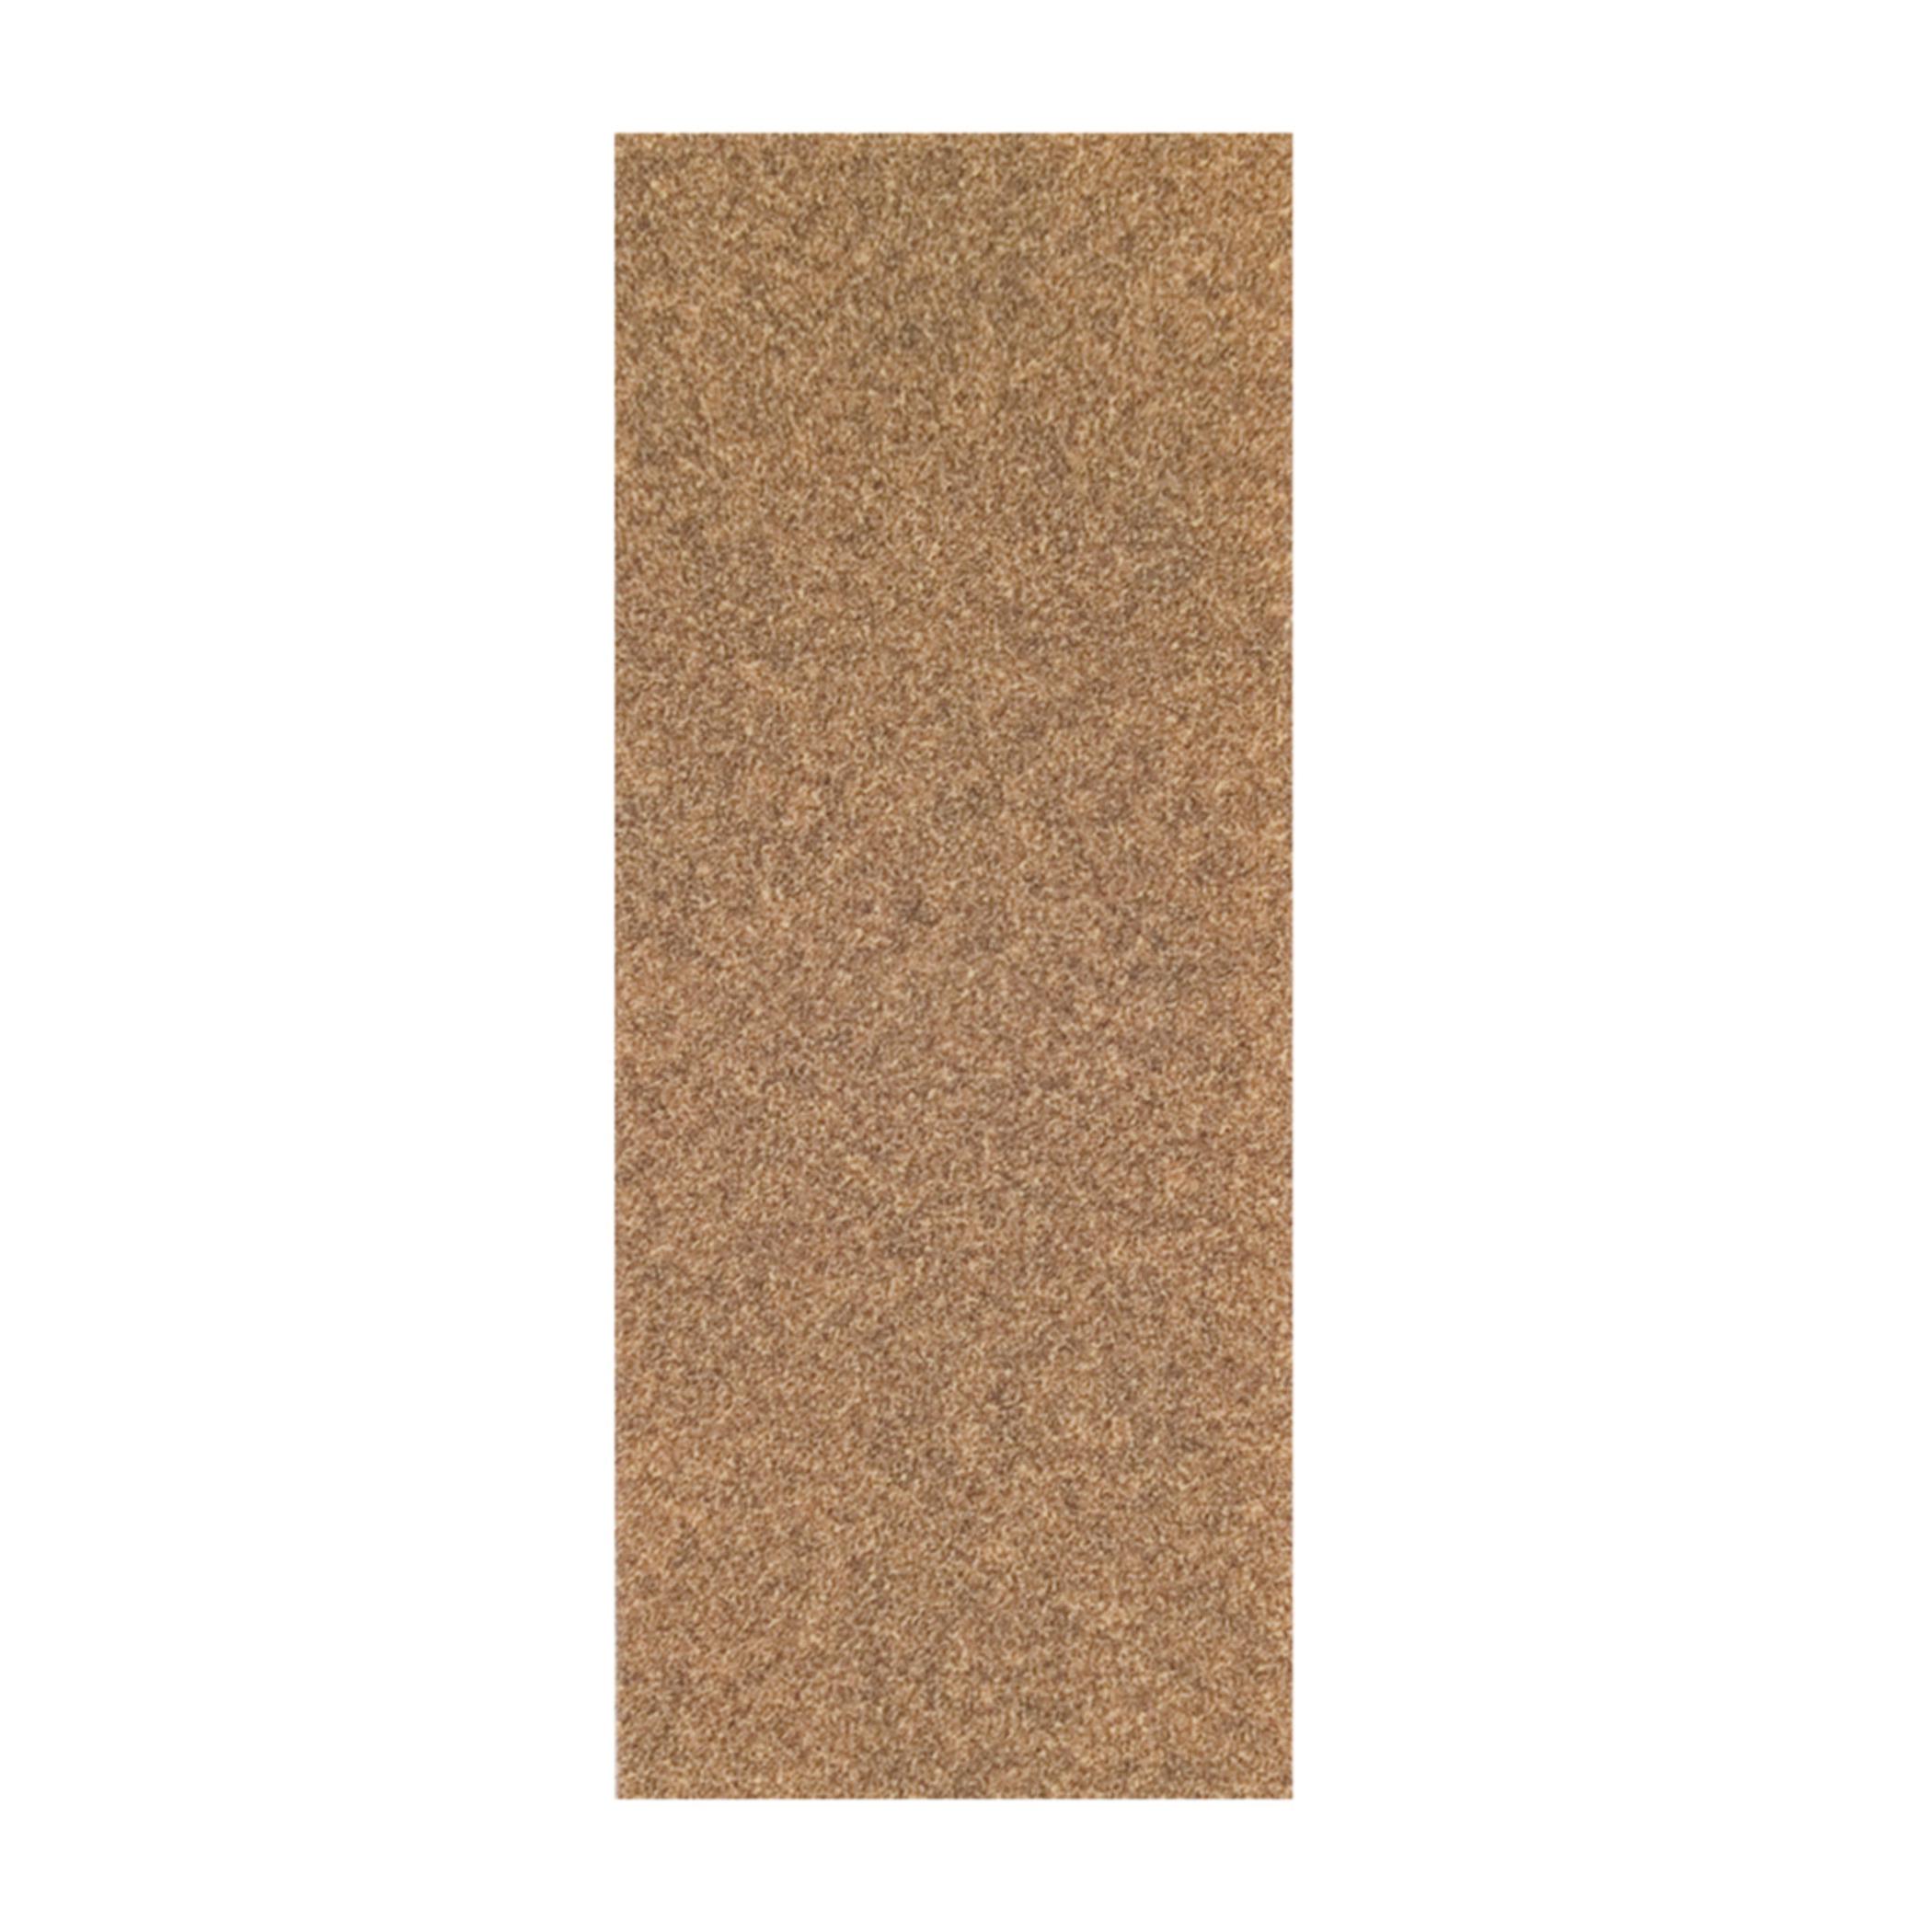 Norton® Adalox® 66261102920 A213 Coated Sandpaper Cut Sheet, 9 in L x 3-2/3 in W, P80 Grit, Coarse Grade, Aluminum Oxide Abrasive, Paper Backing